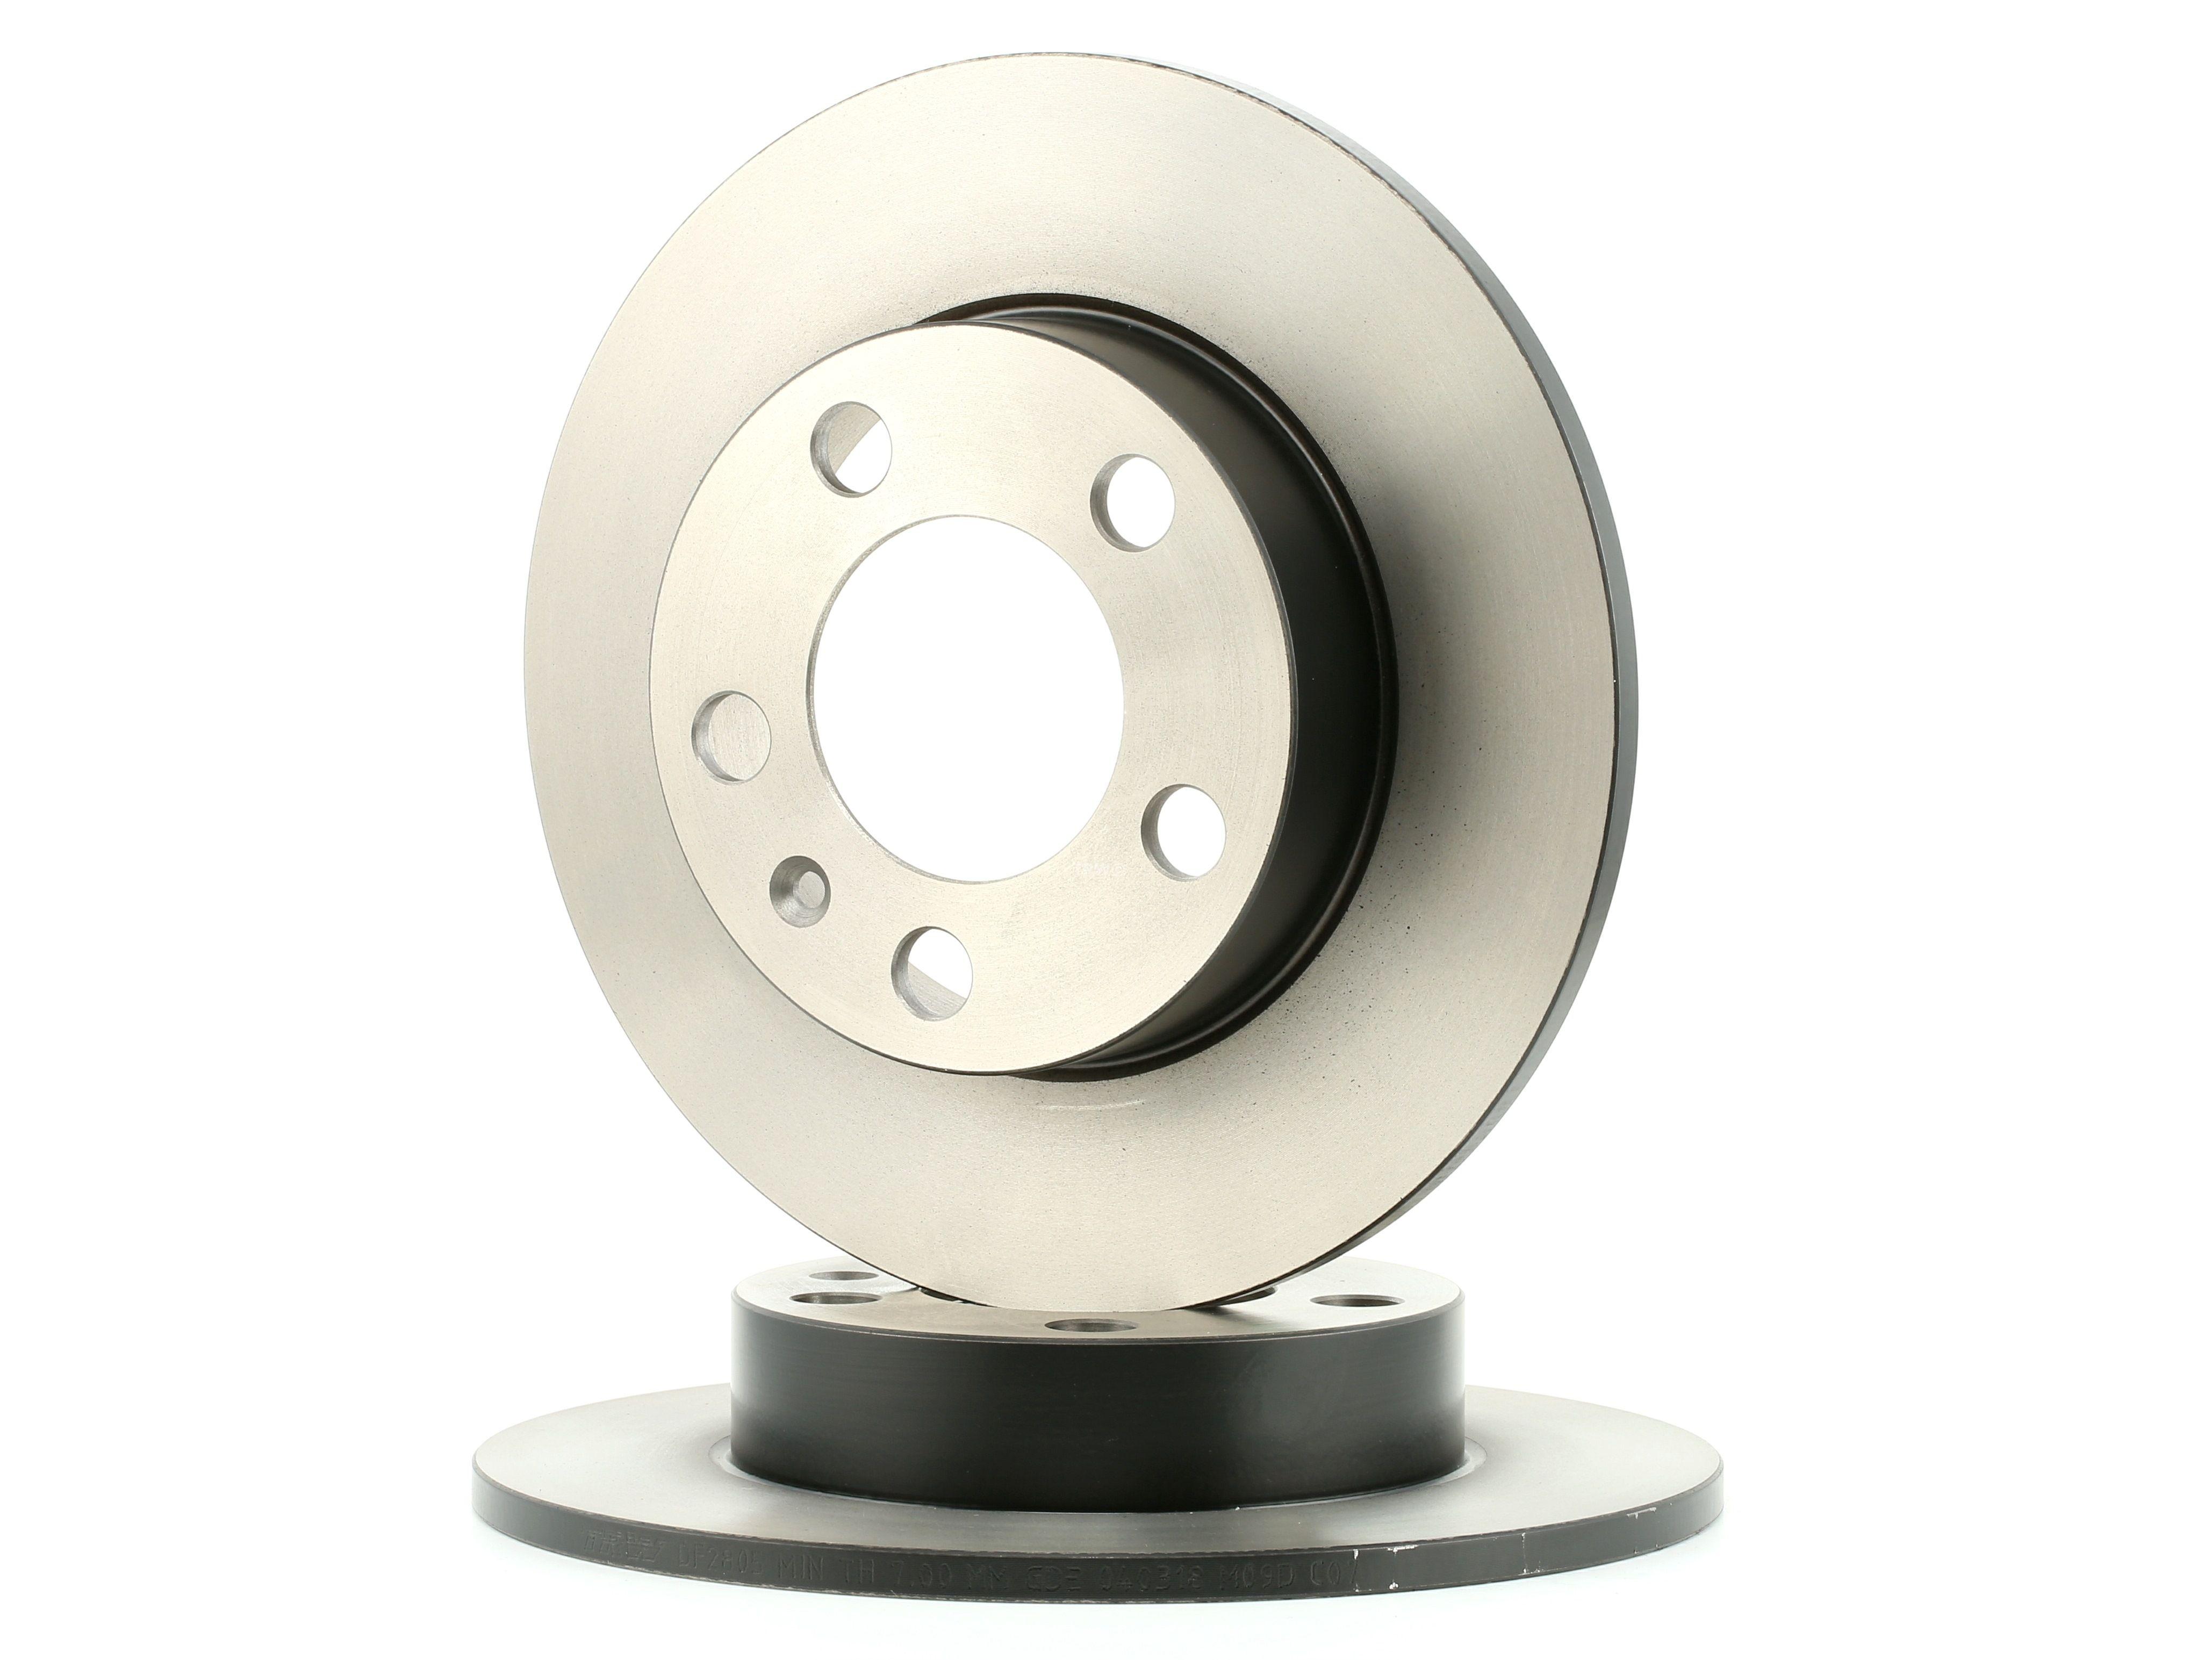 Achetez Disque de frein TRW DF2805 (Ø: 230mm, Nbre de trous: 5, Épaisseur du disque de frein: 9mm) à un rapport qualité-prix exceptionnel